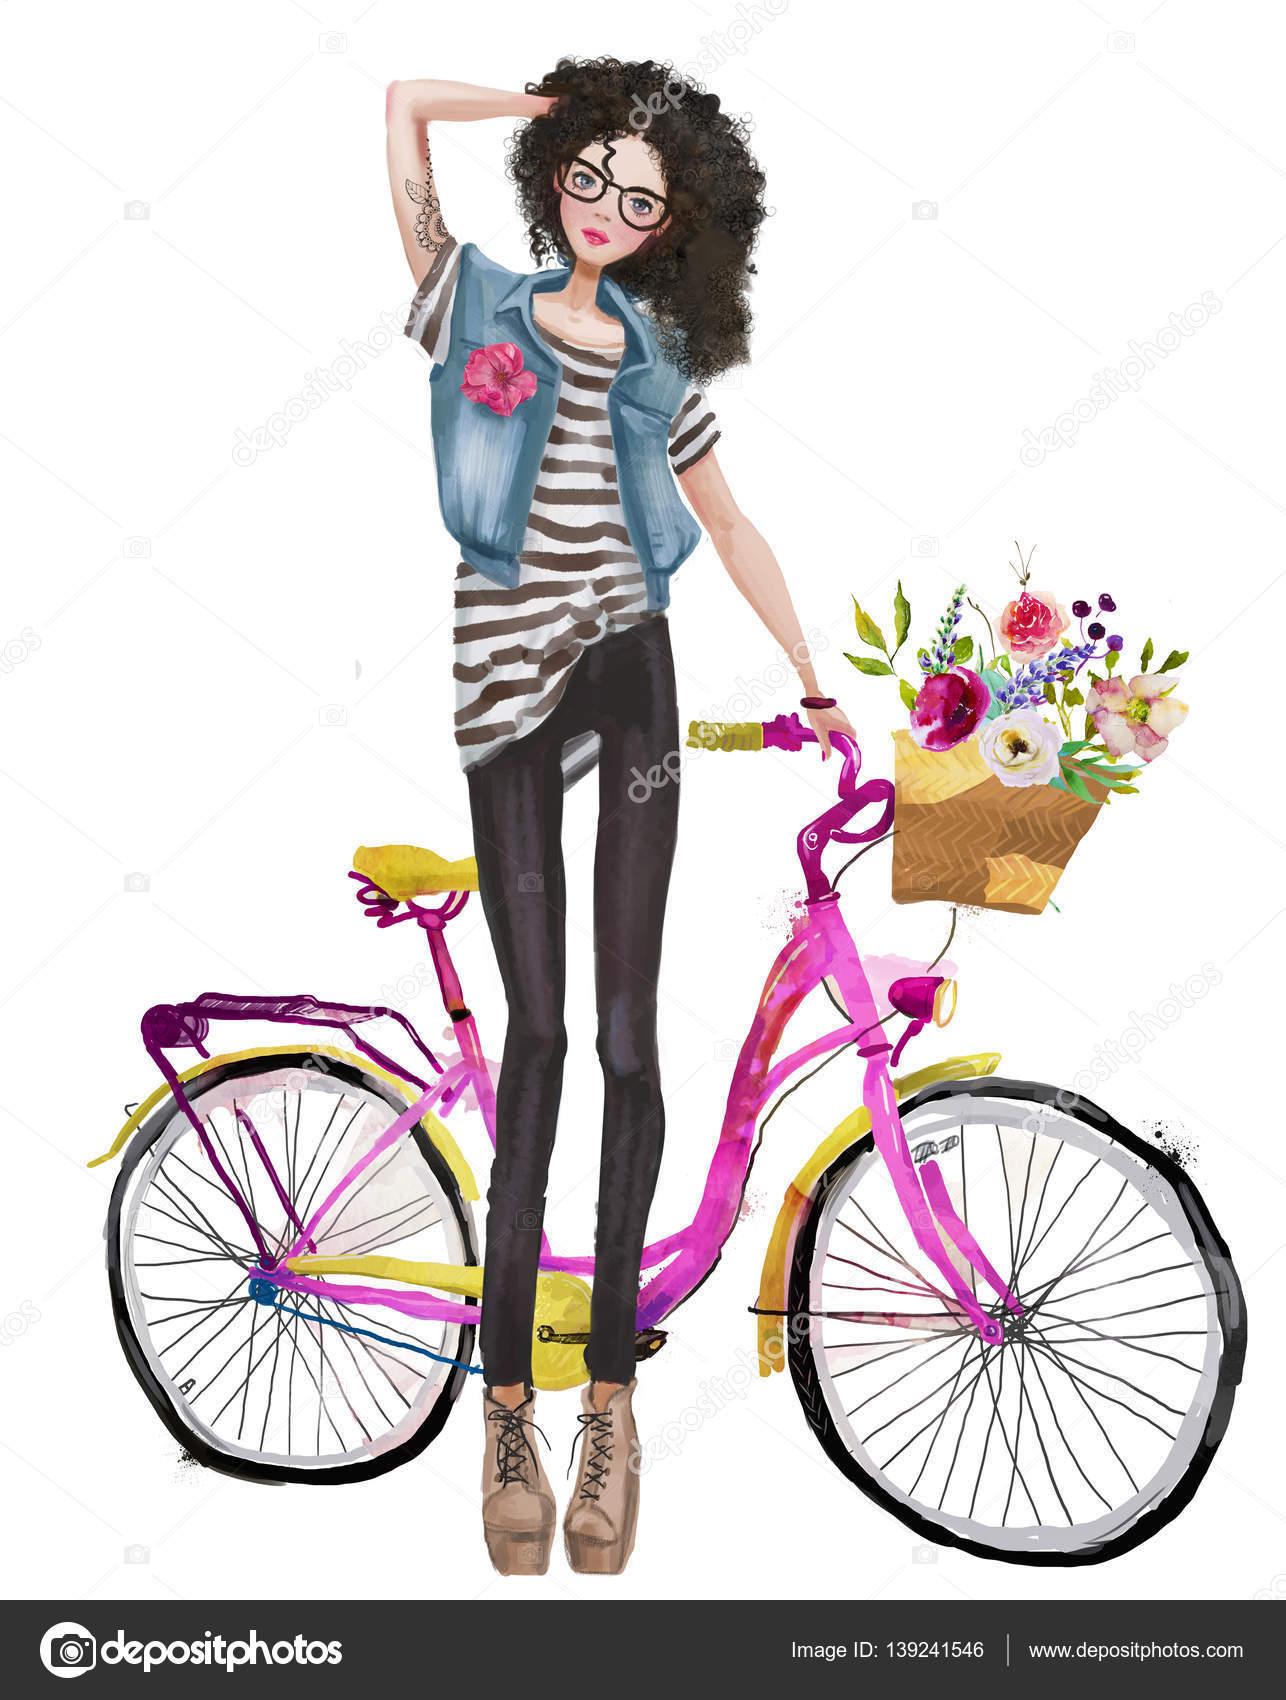 Imágenes: Chicas En Bicicleta Dibujo